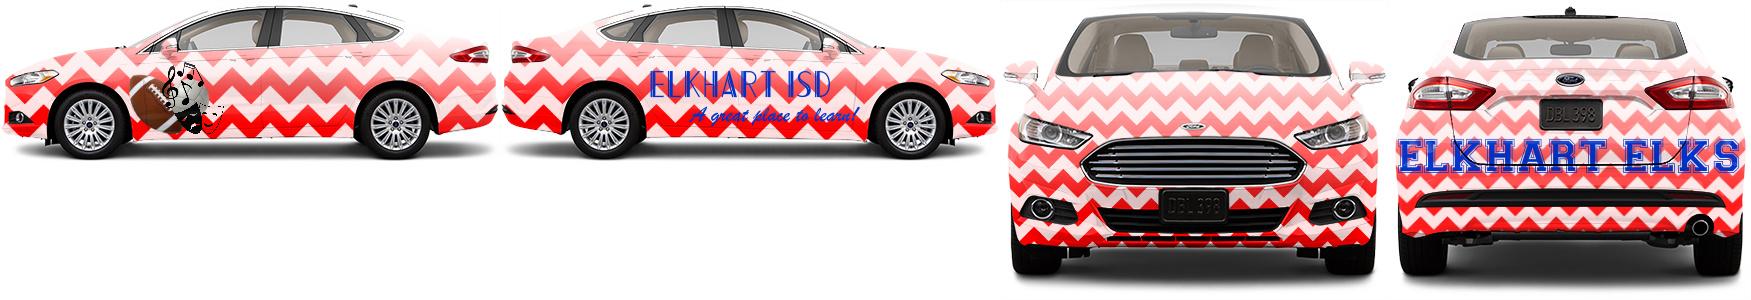 Sedan Wrap #49428